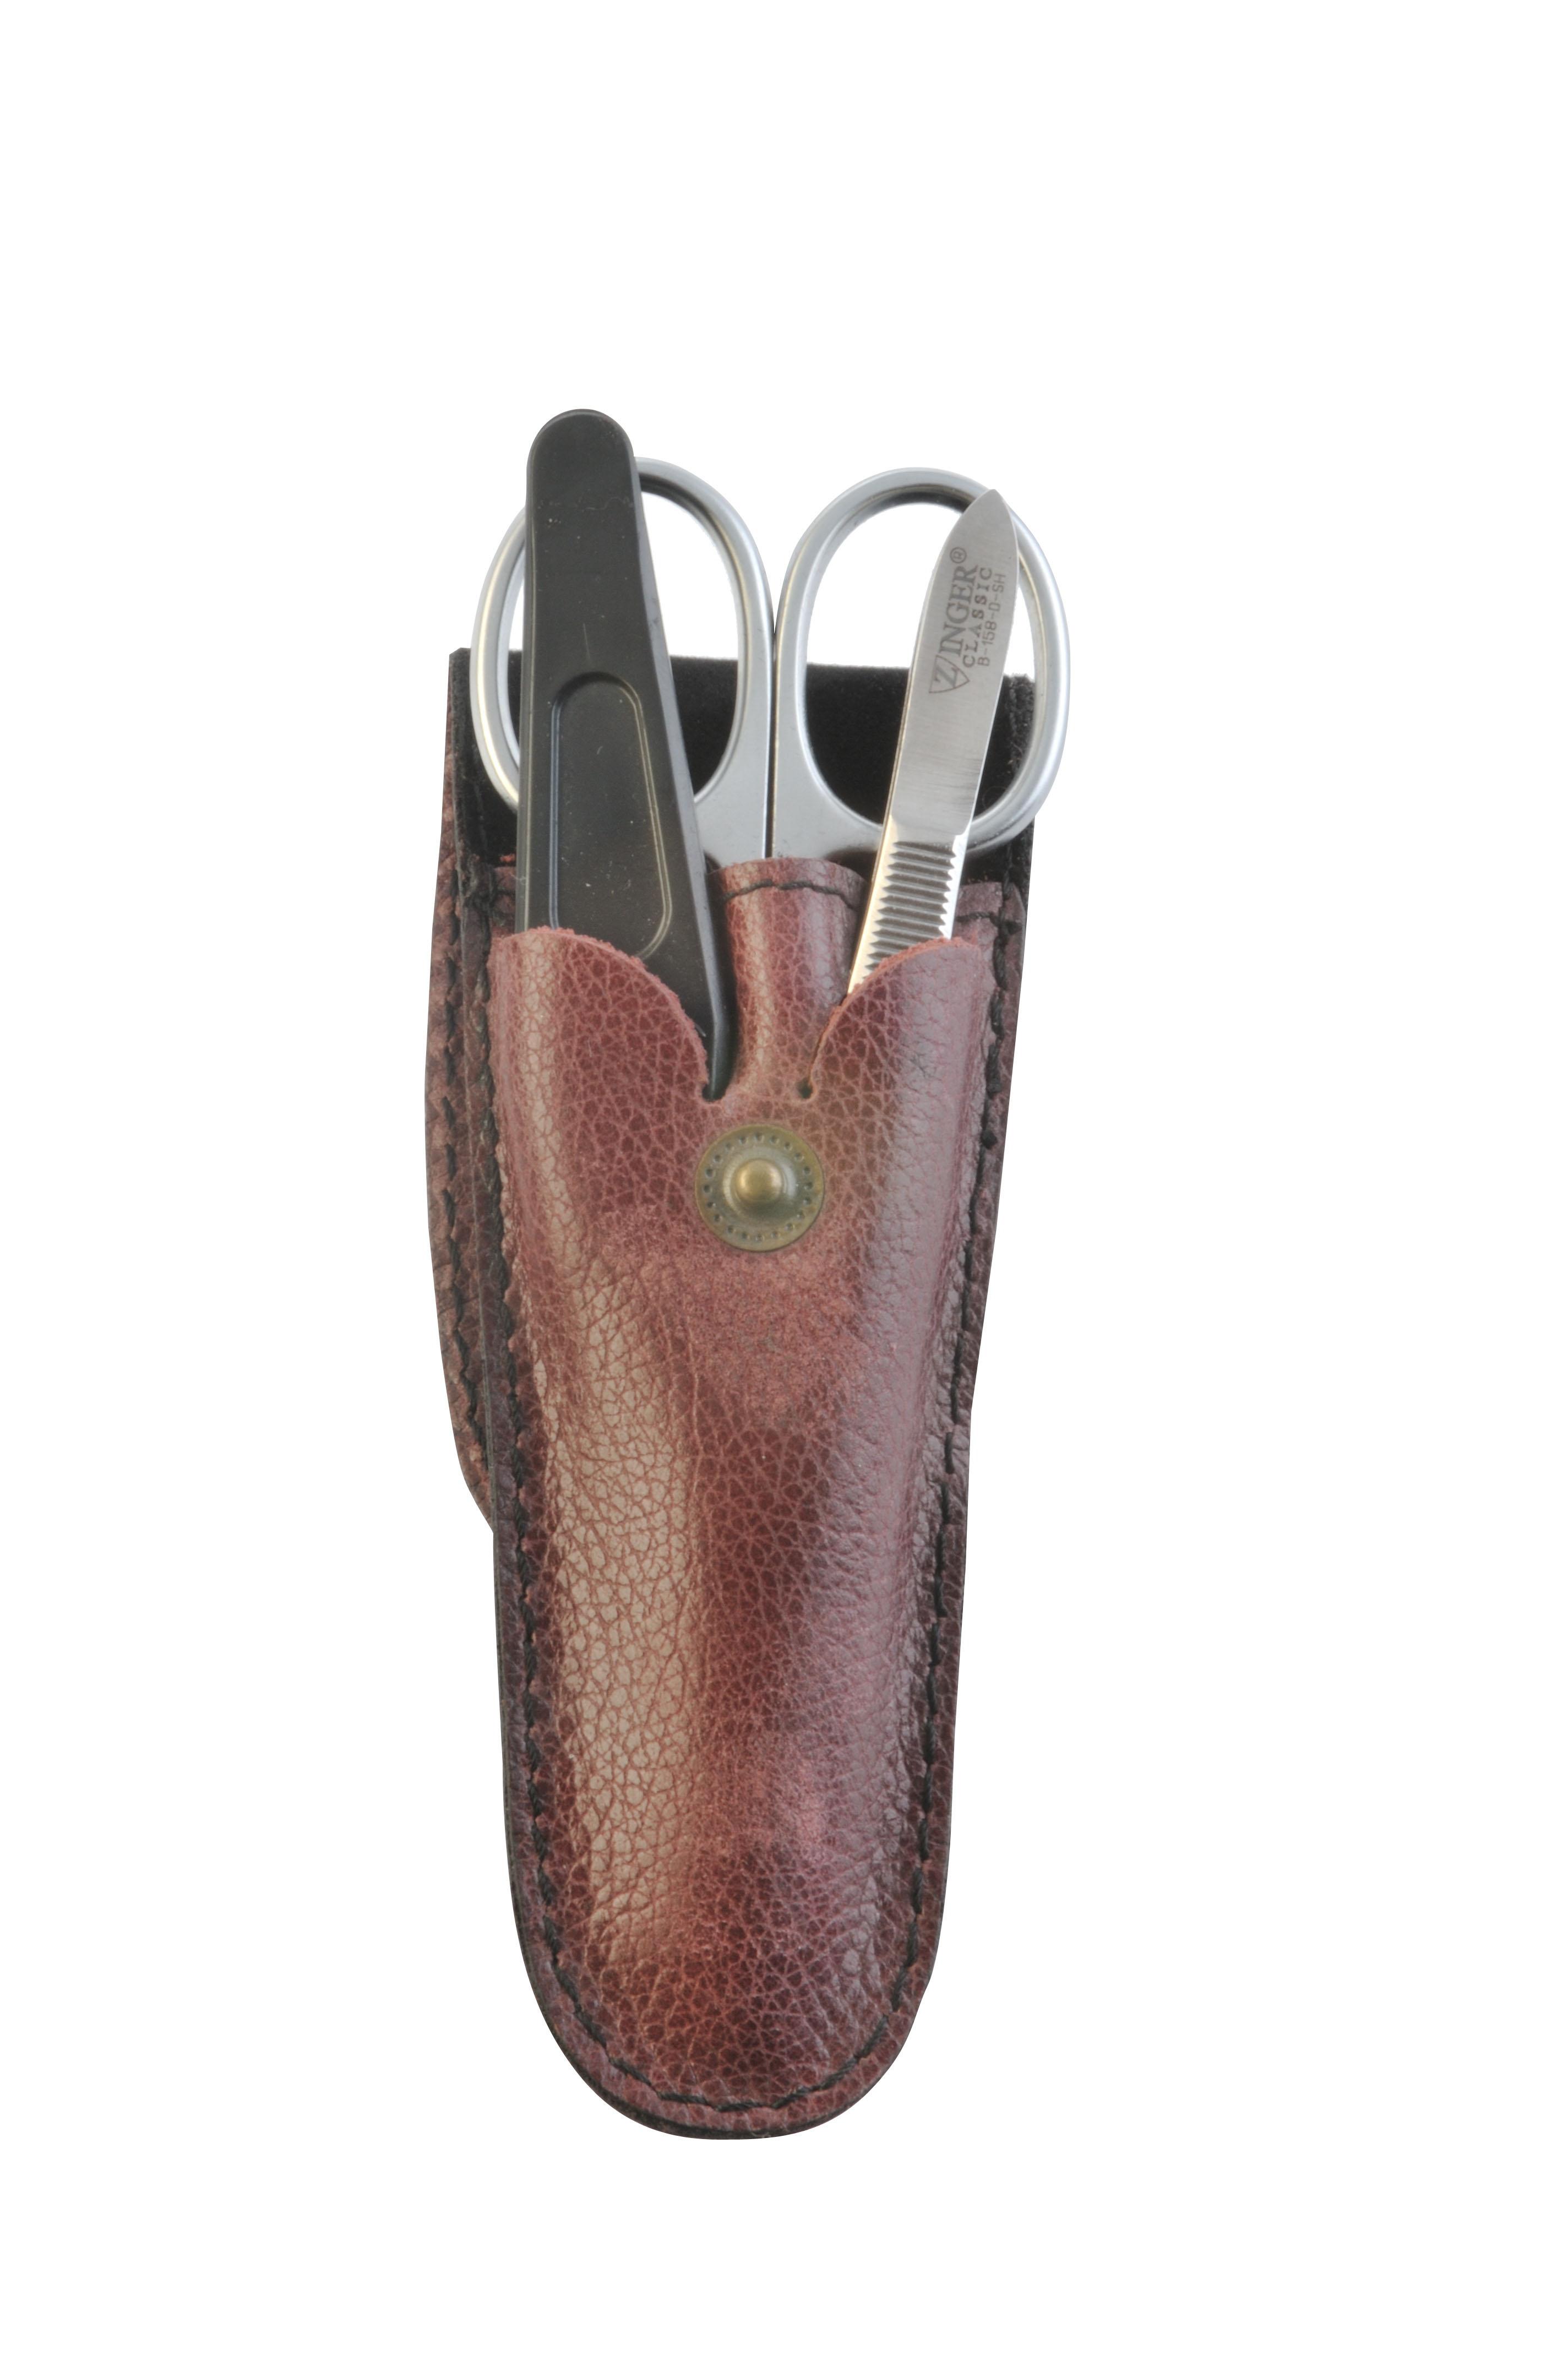 Zinger Маникюрный набор zMs Z-3 SM2451-MW-01Ман. набор 3 предмета (ножницы кутикульные, пилка алмазная , пинцет). Чехол натуральная кожа. Цвет инструментов - матовое серебро. Оригинальня фирменная коробка